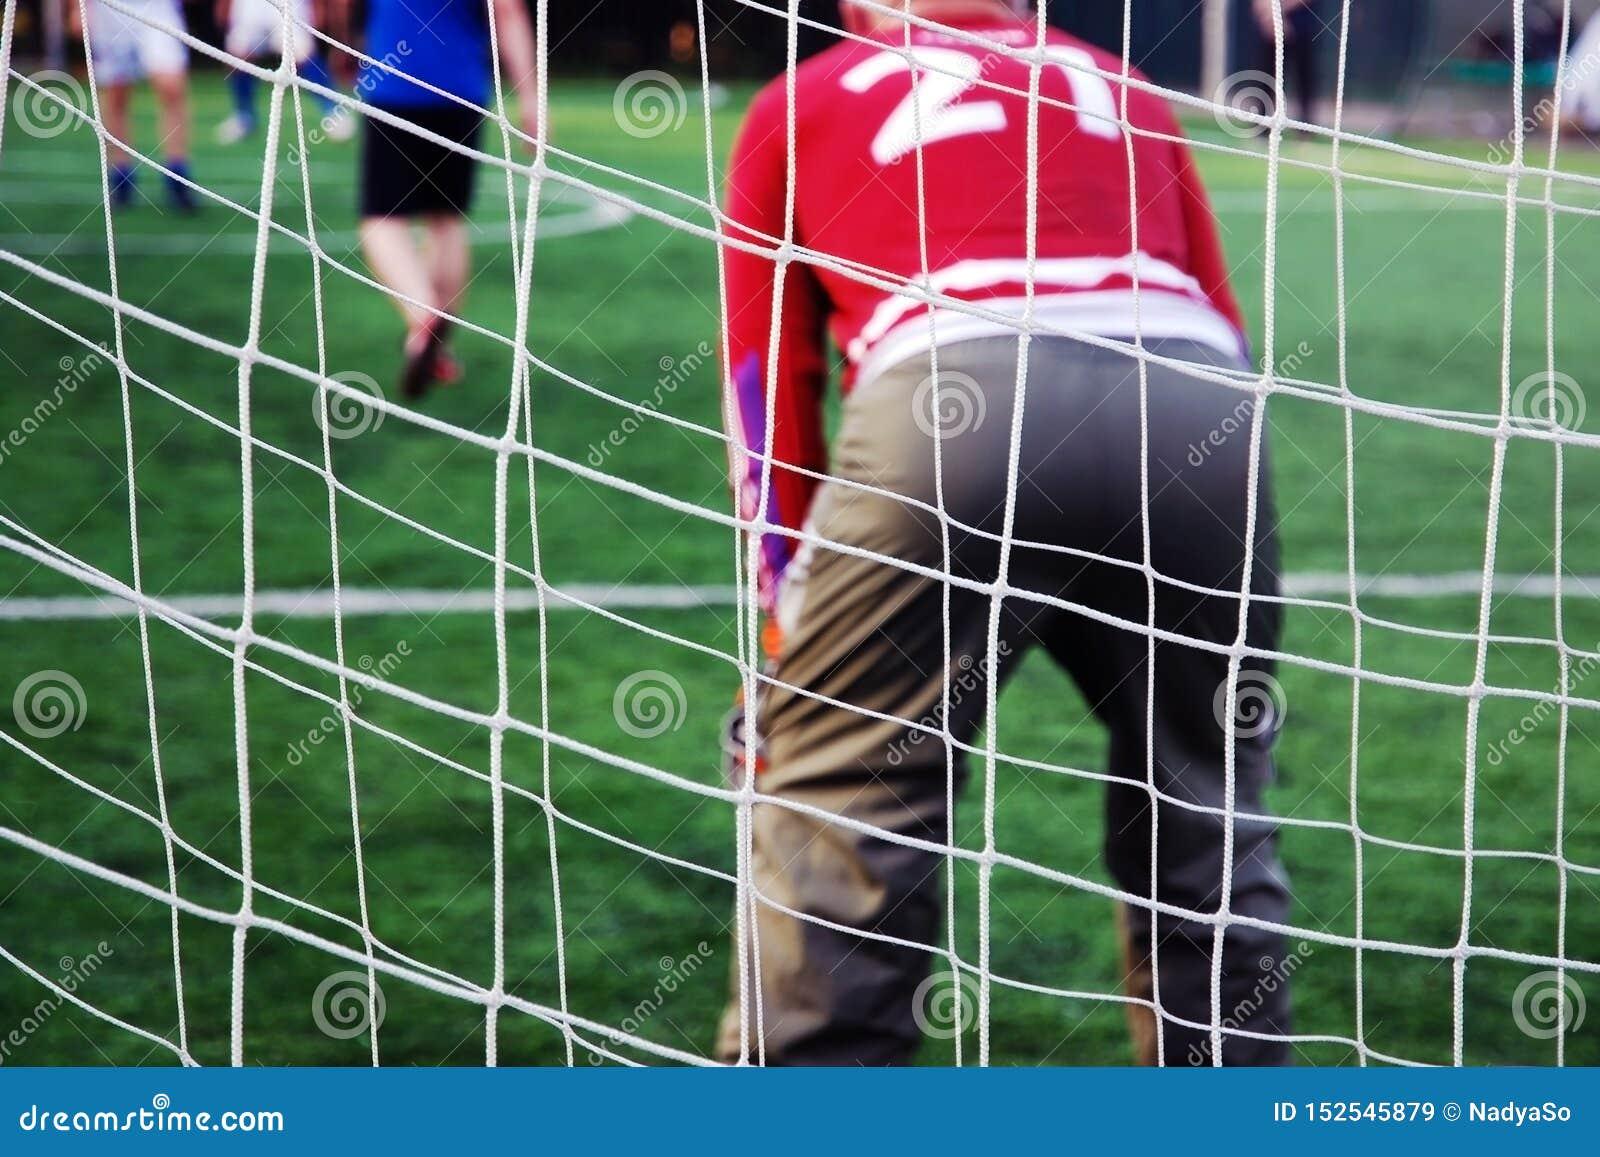 Rete dietro il portiere in uniforme rossa Ognuno gioca a calcio